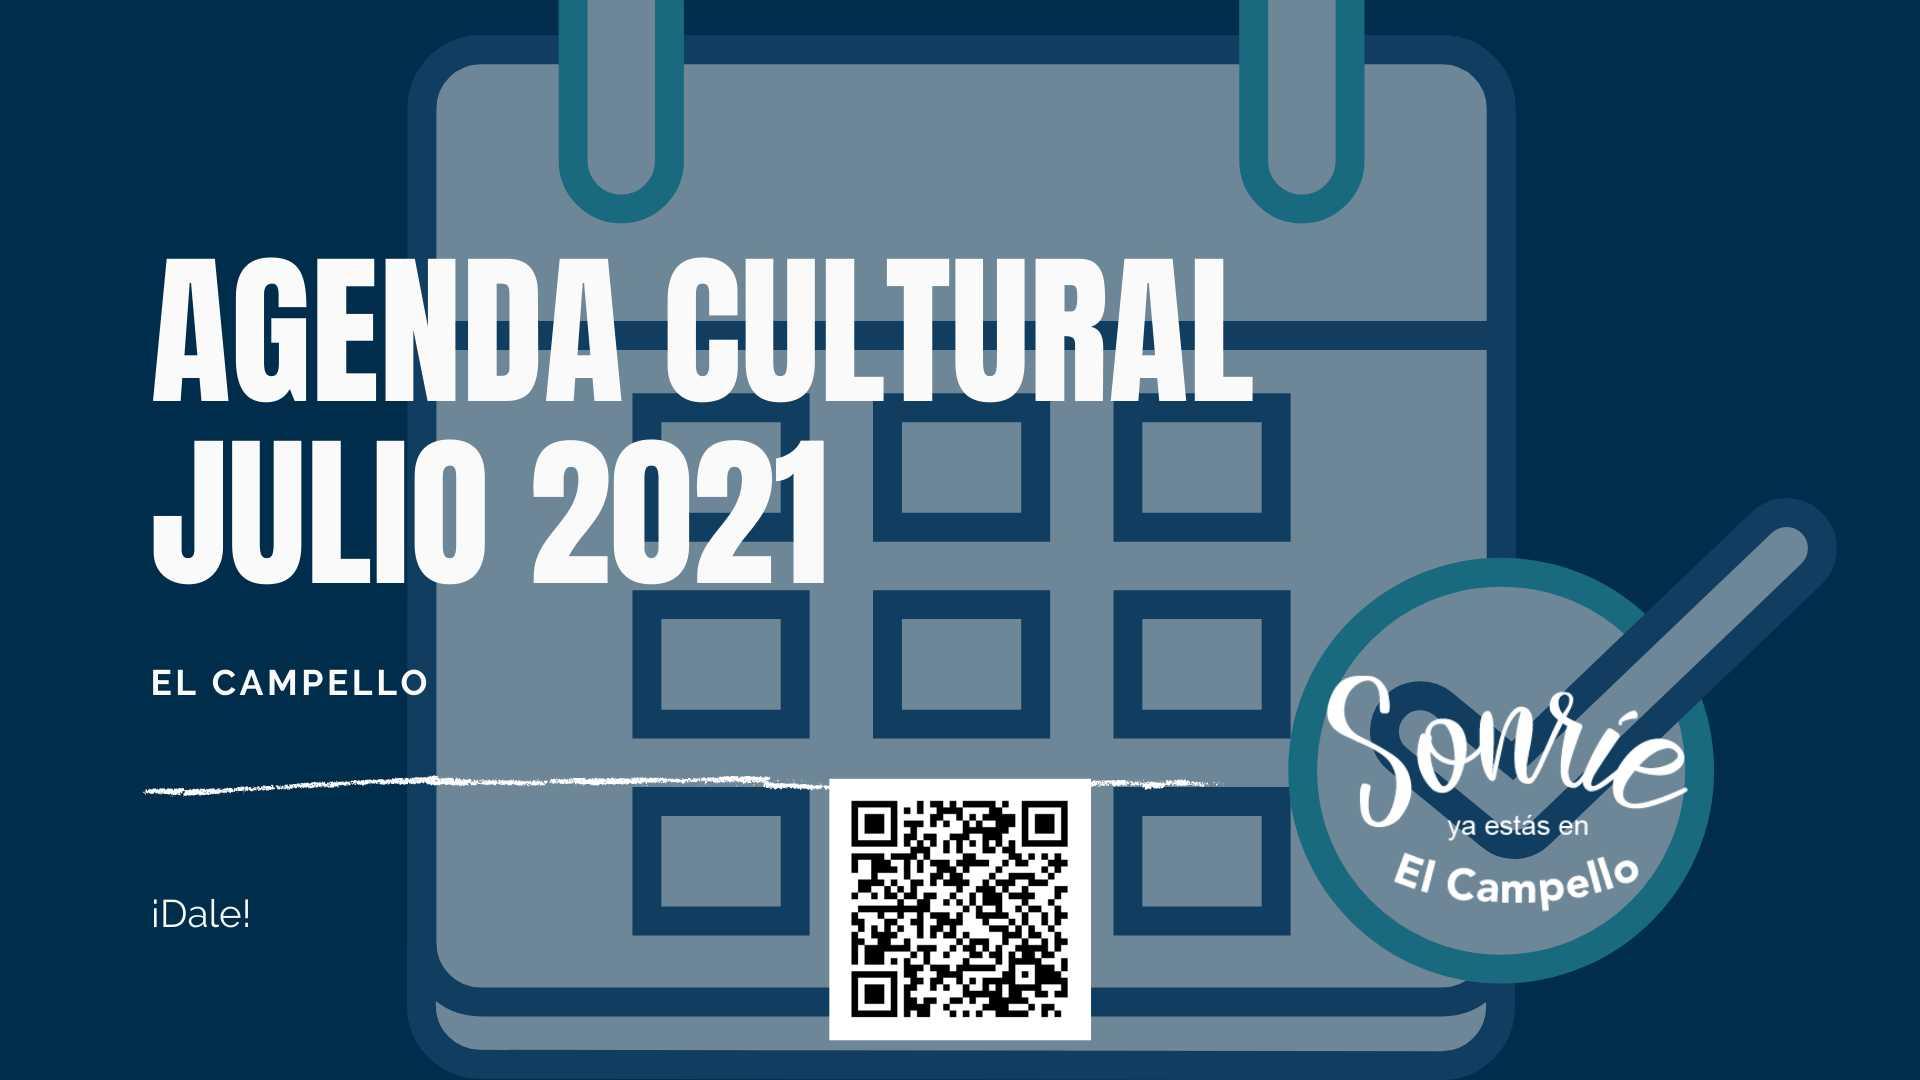 AGENDA CULTURAL JULIOL 2021 EL CAMPELLO